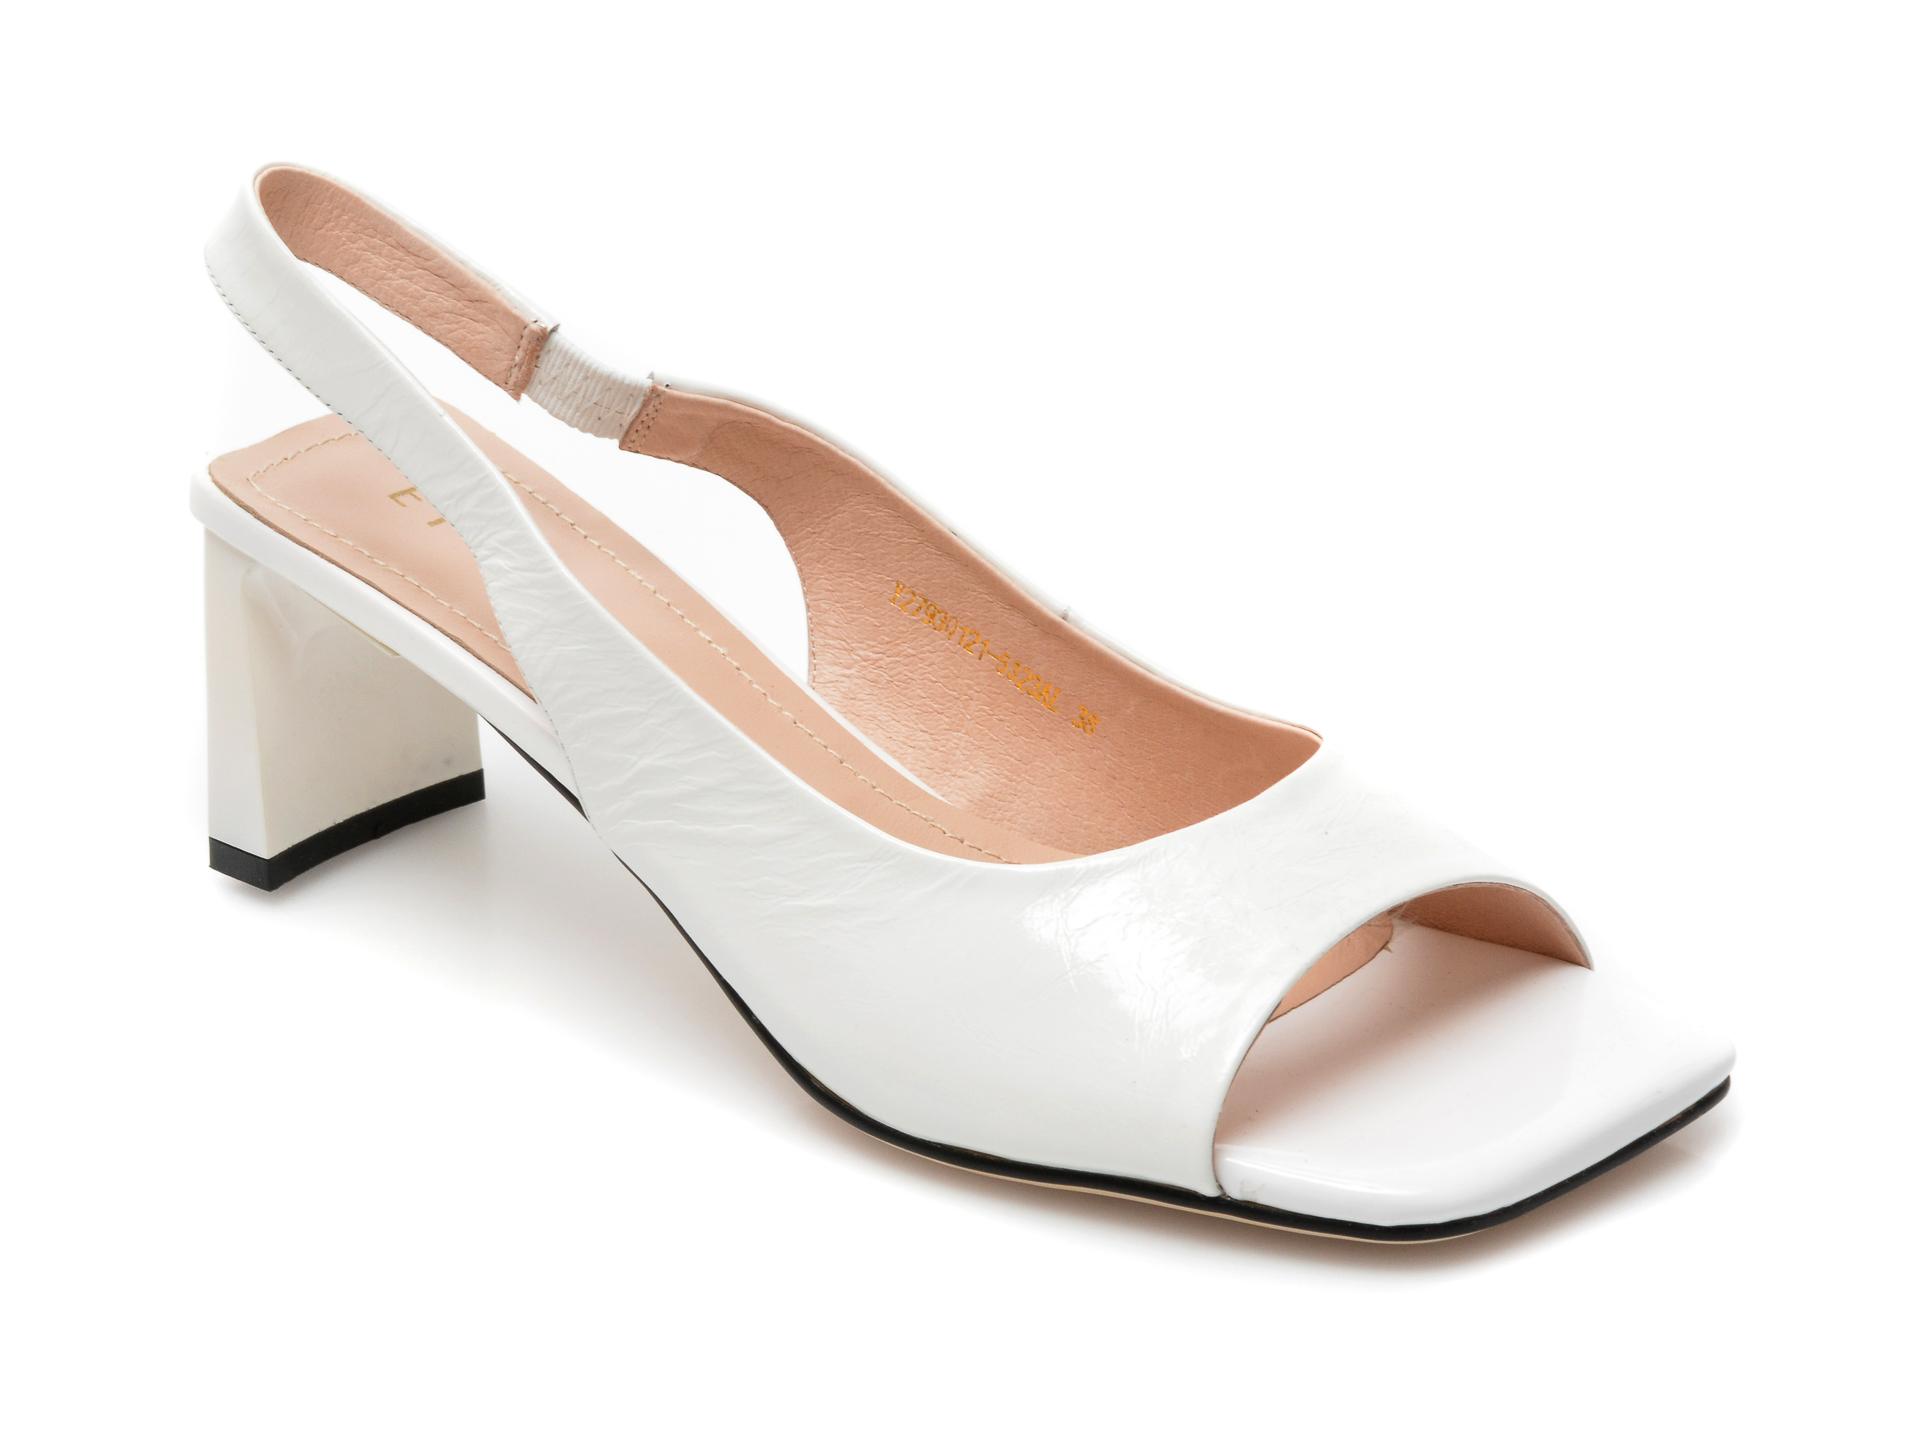 Sandale EPICA albe, Y2793Q1, din piele naturala